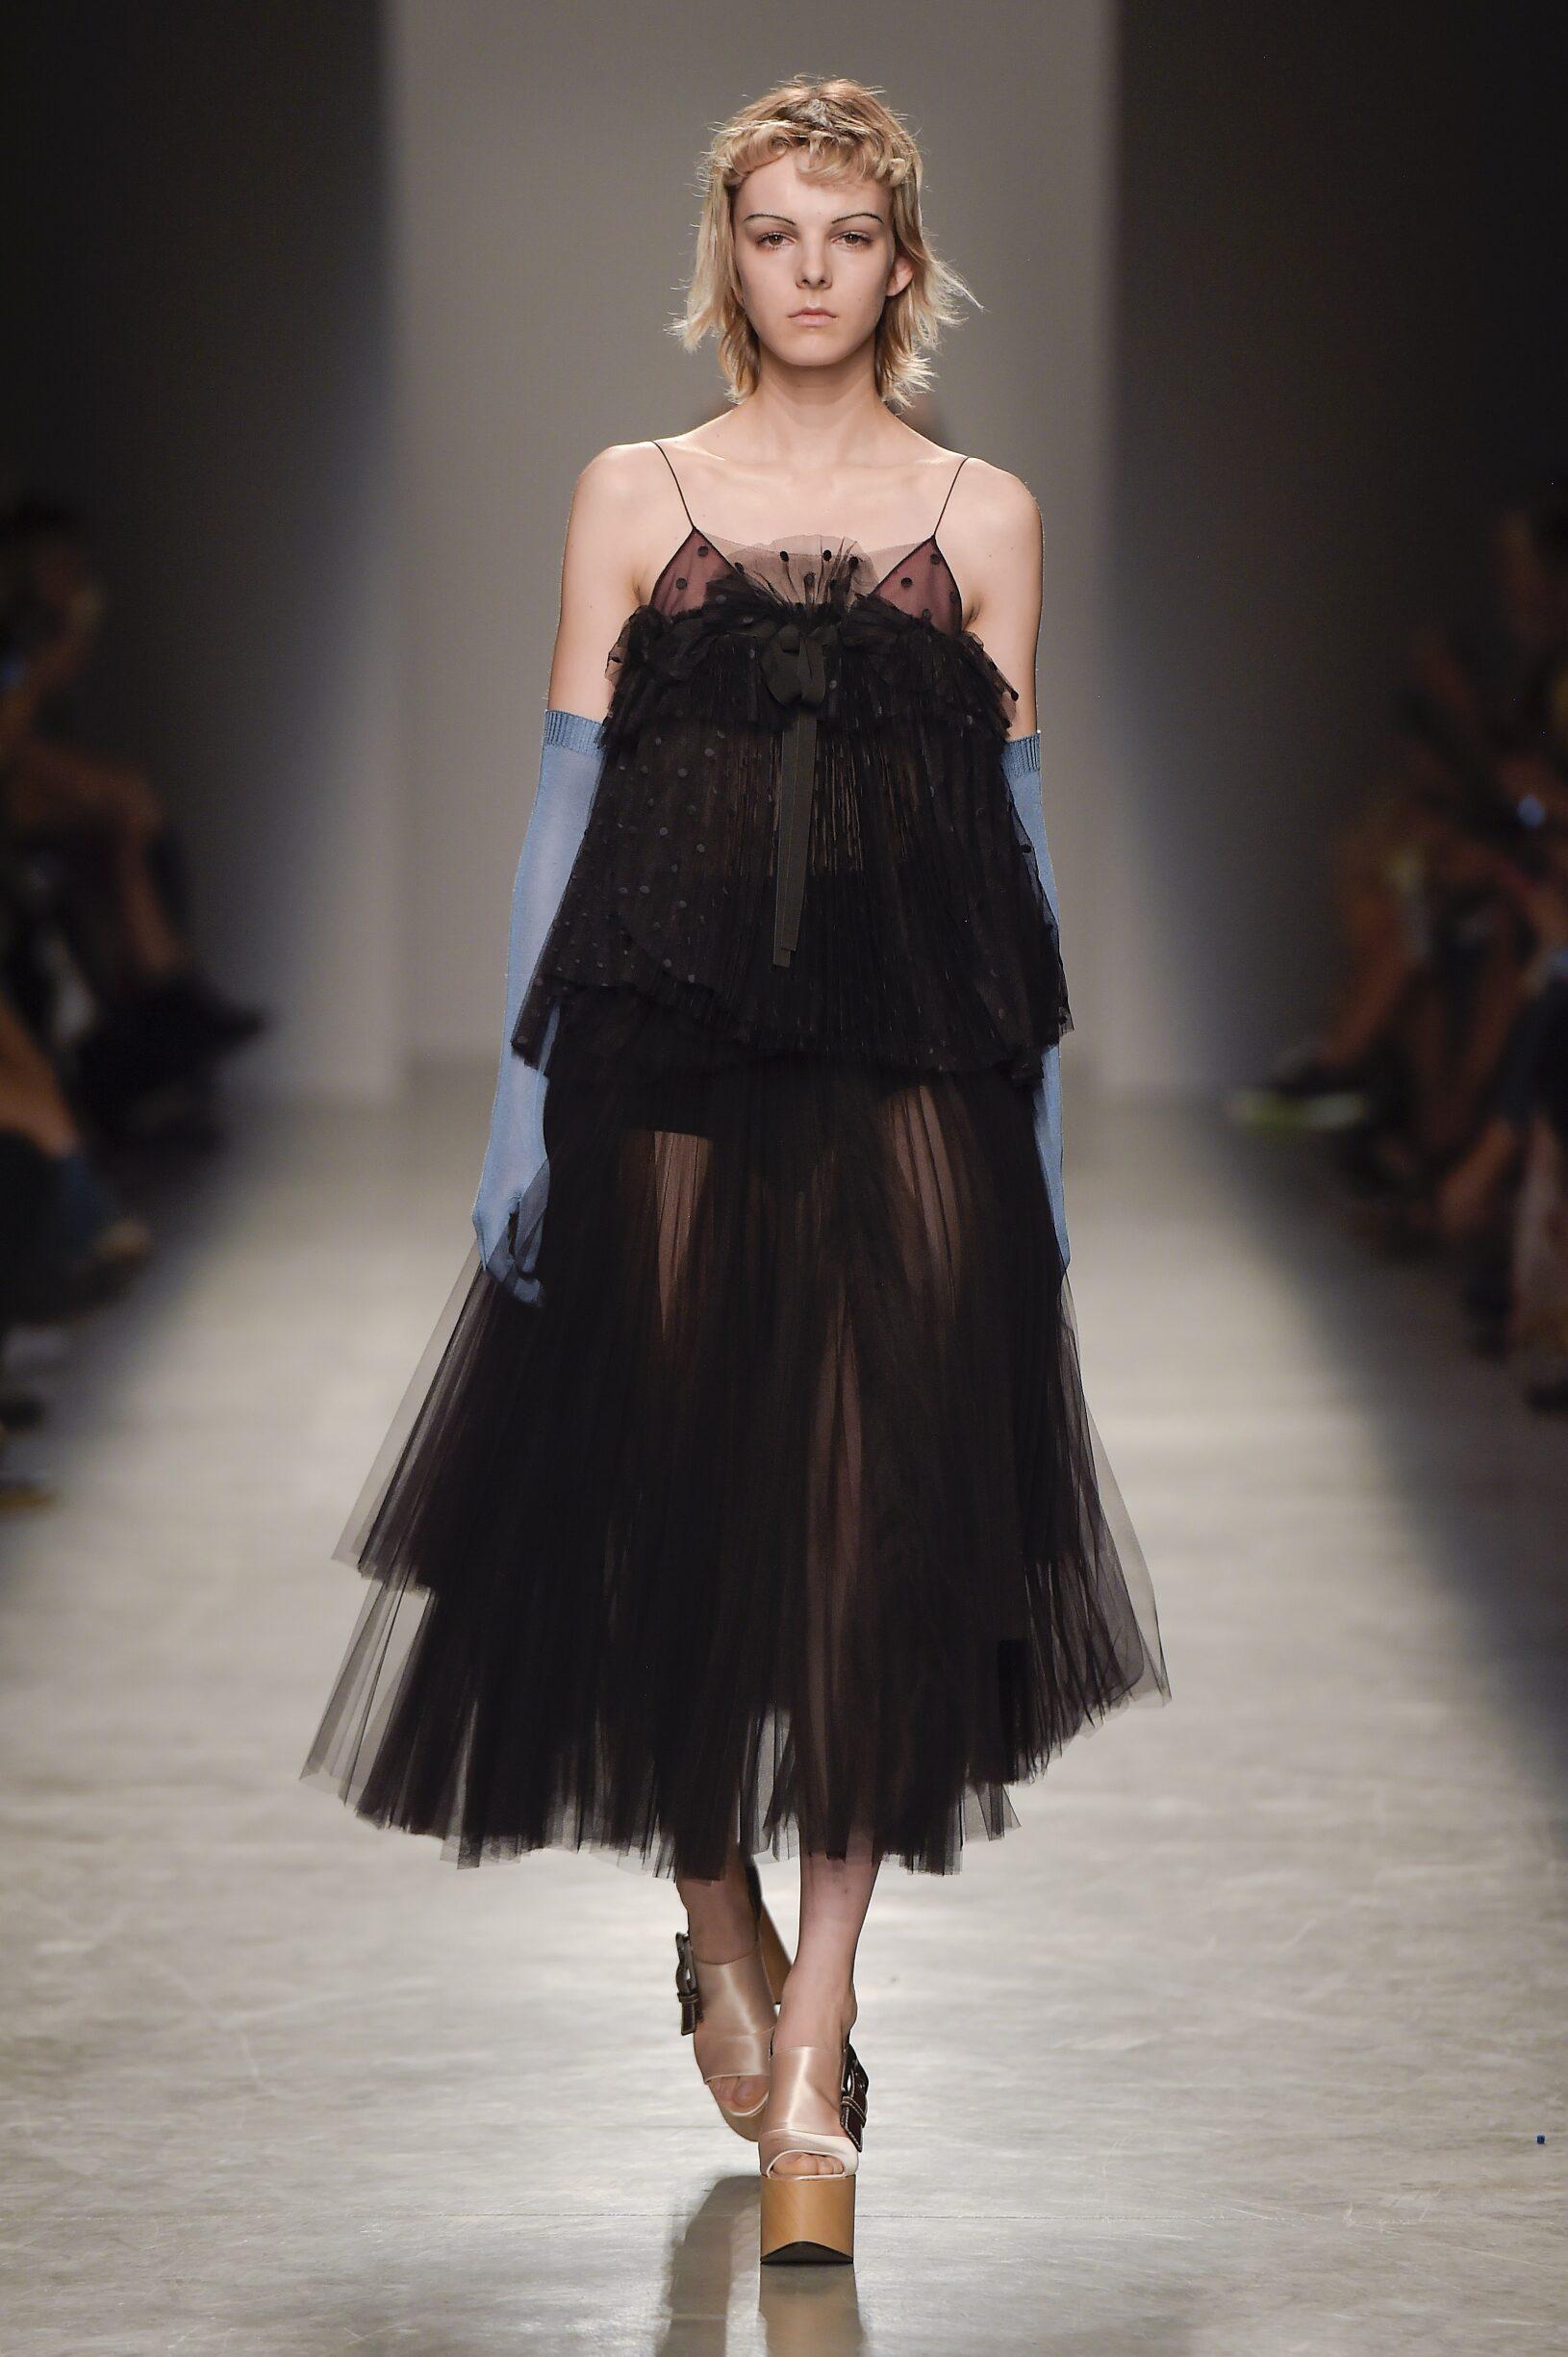 Fashion Woman Model Rochas Catwalk